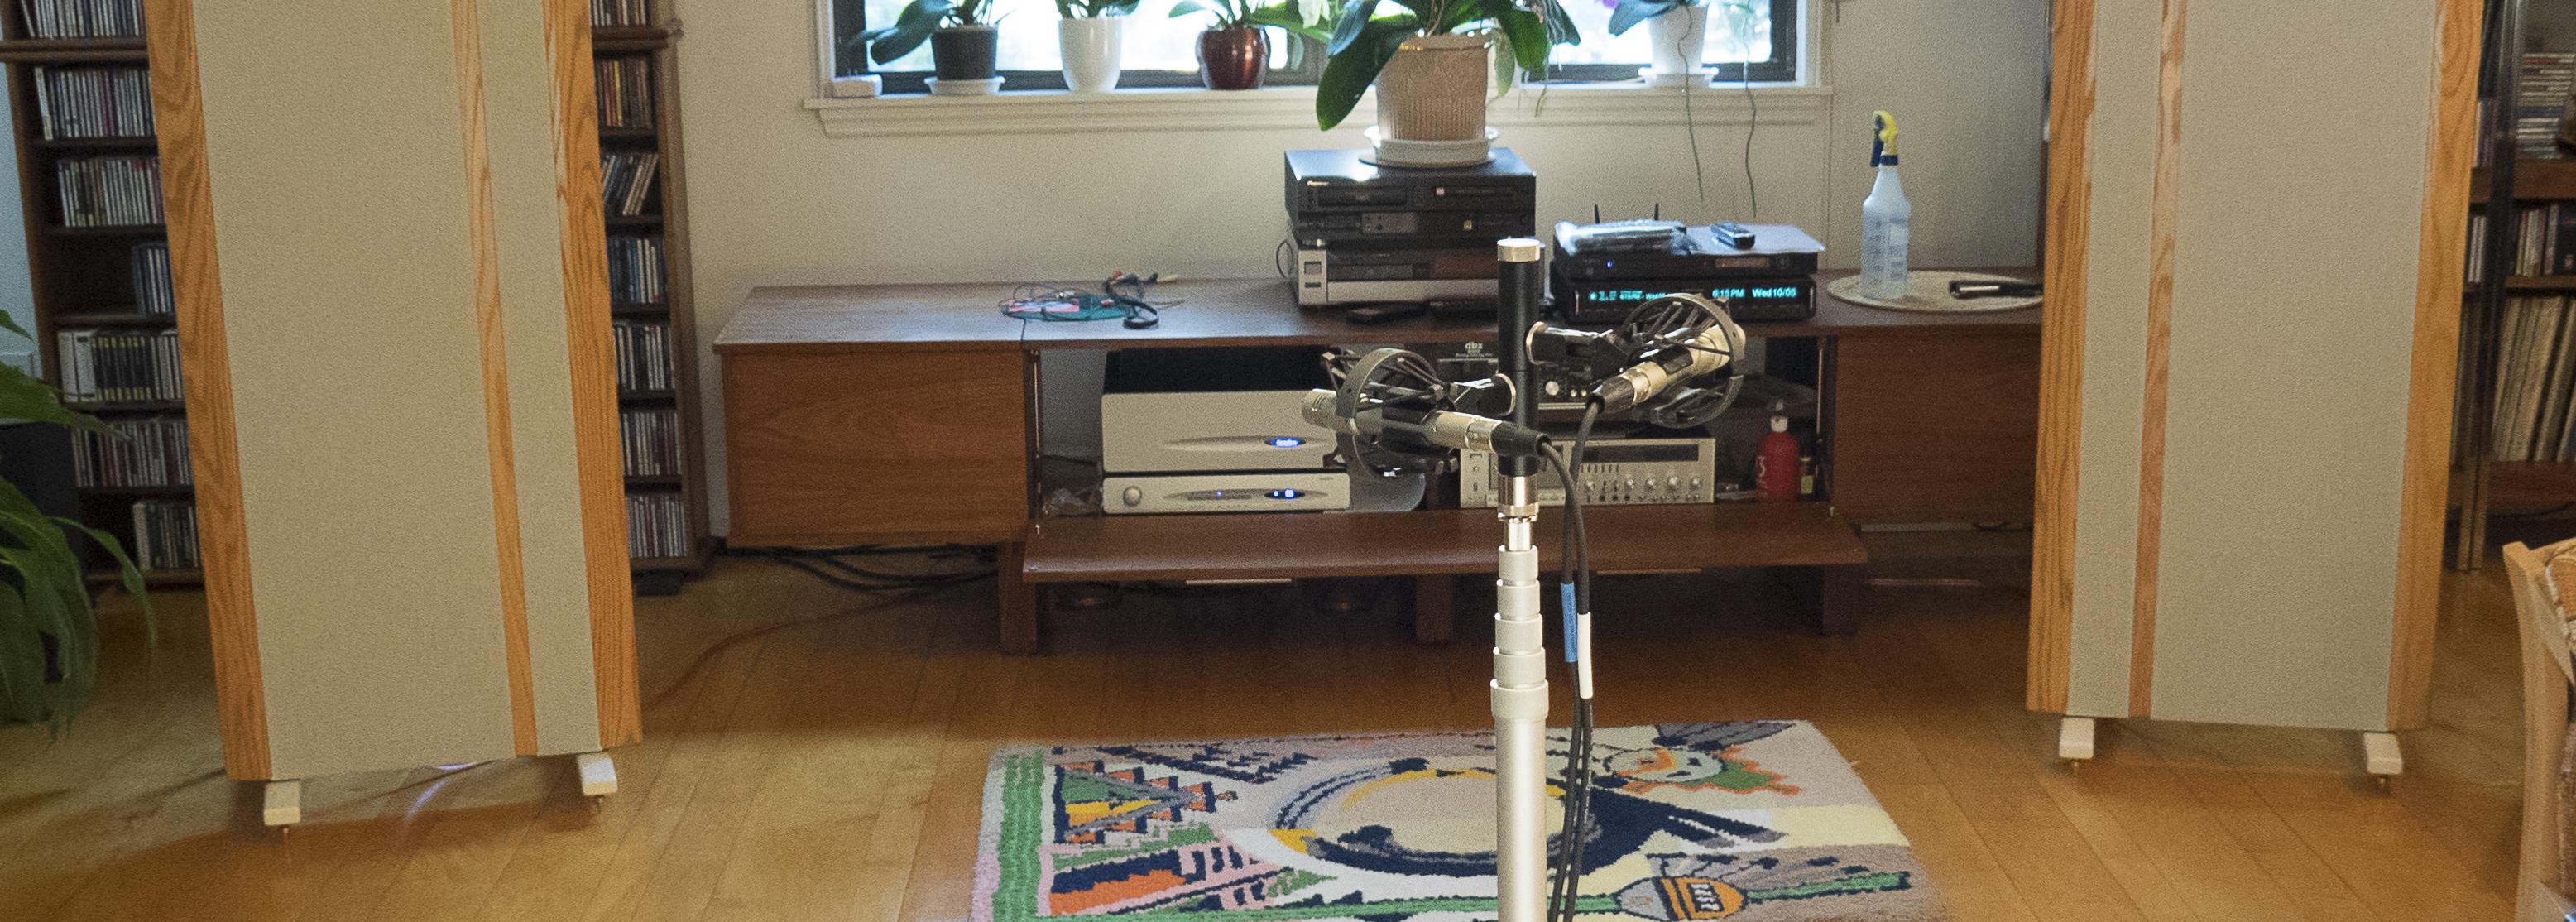 Hi-Fi setup